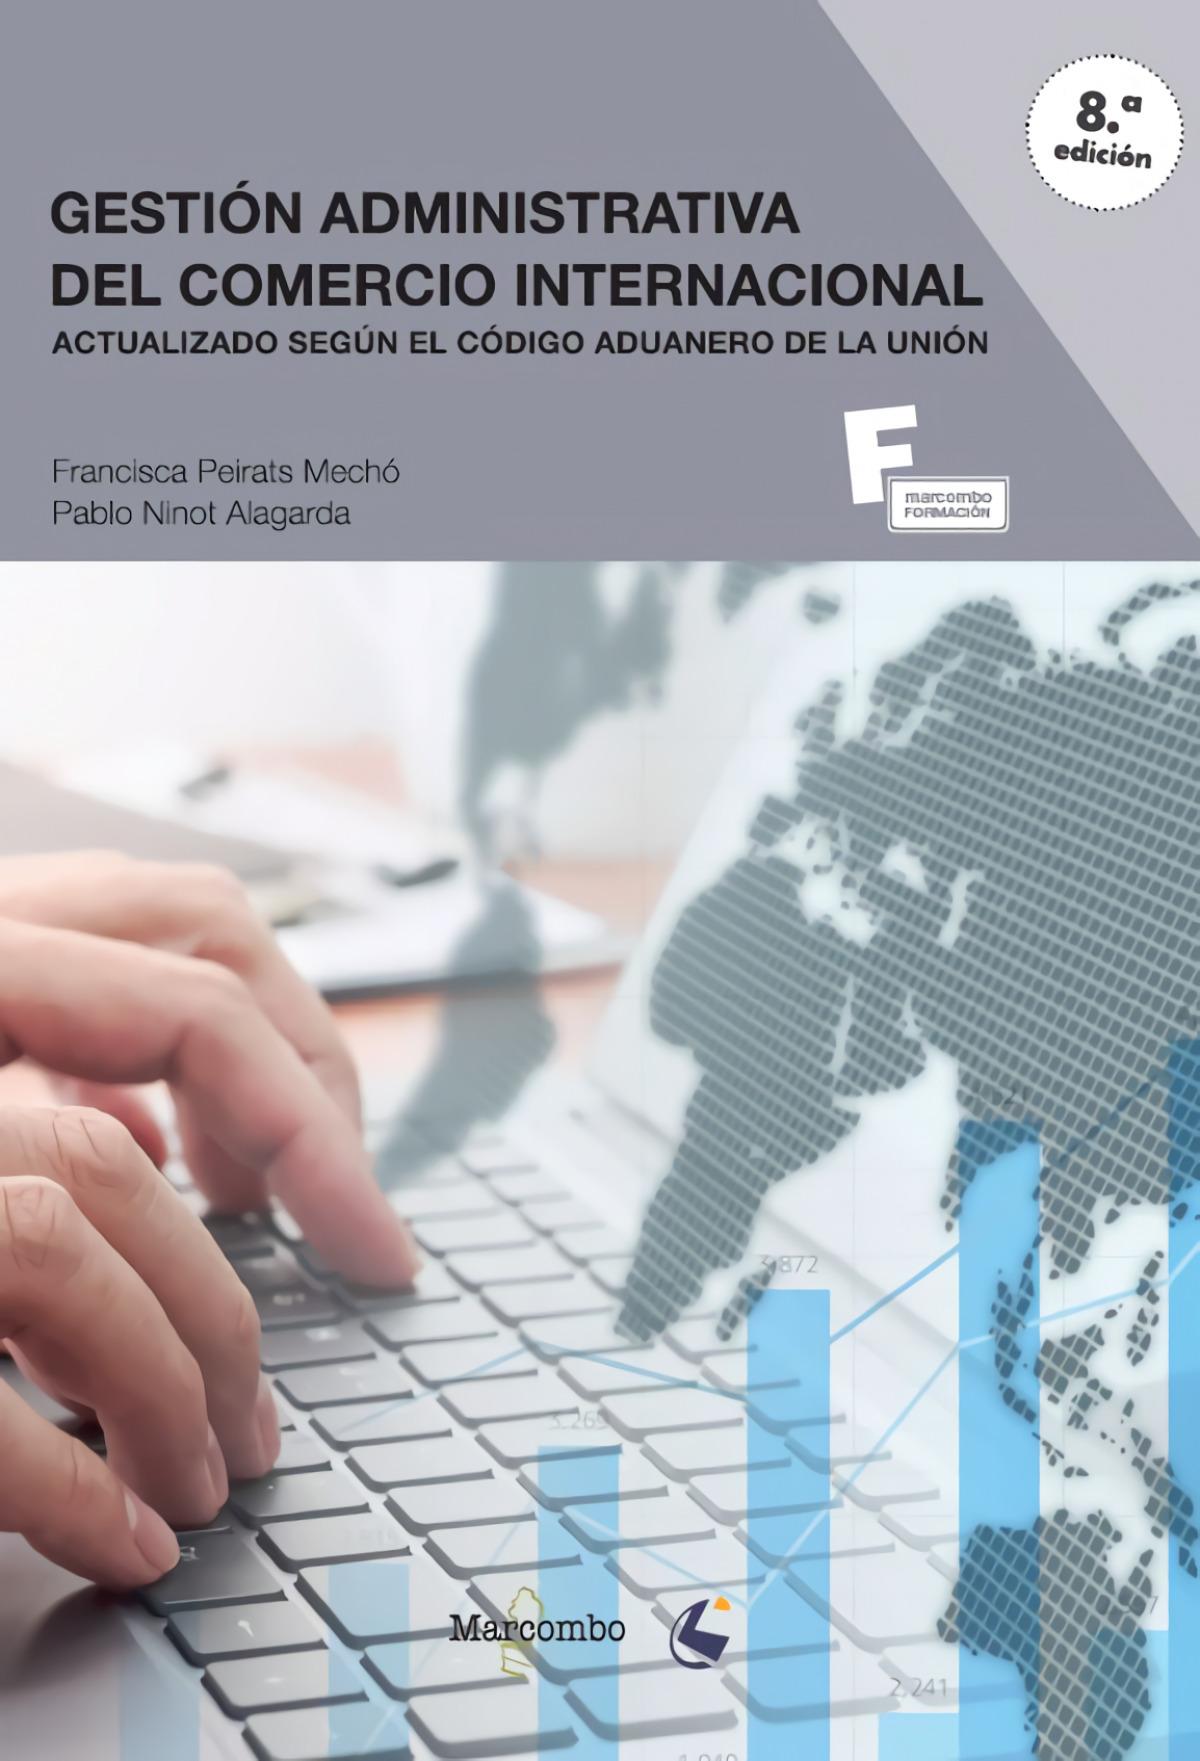 *Gestión administrativa del comercio internacional